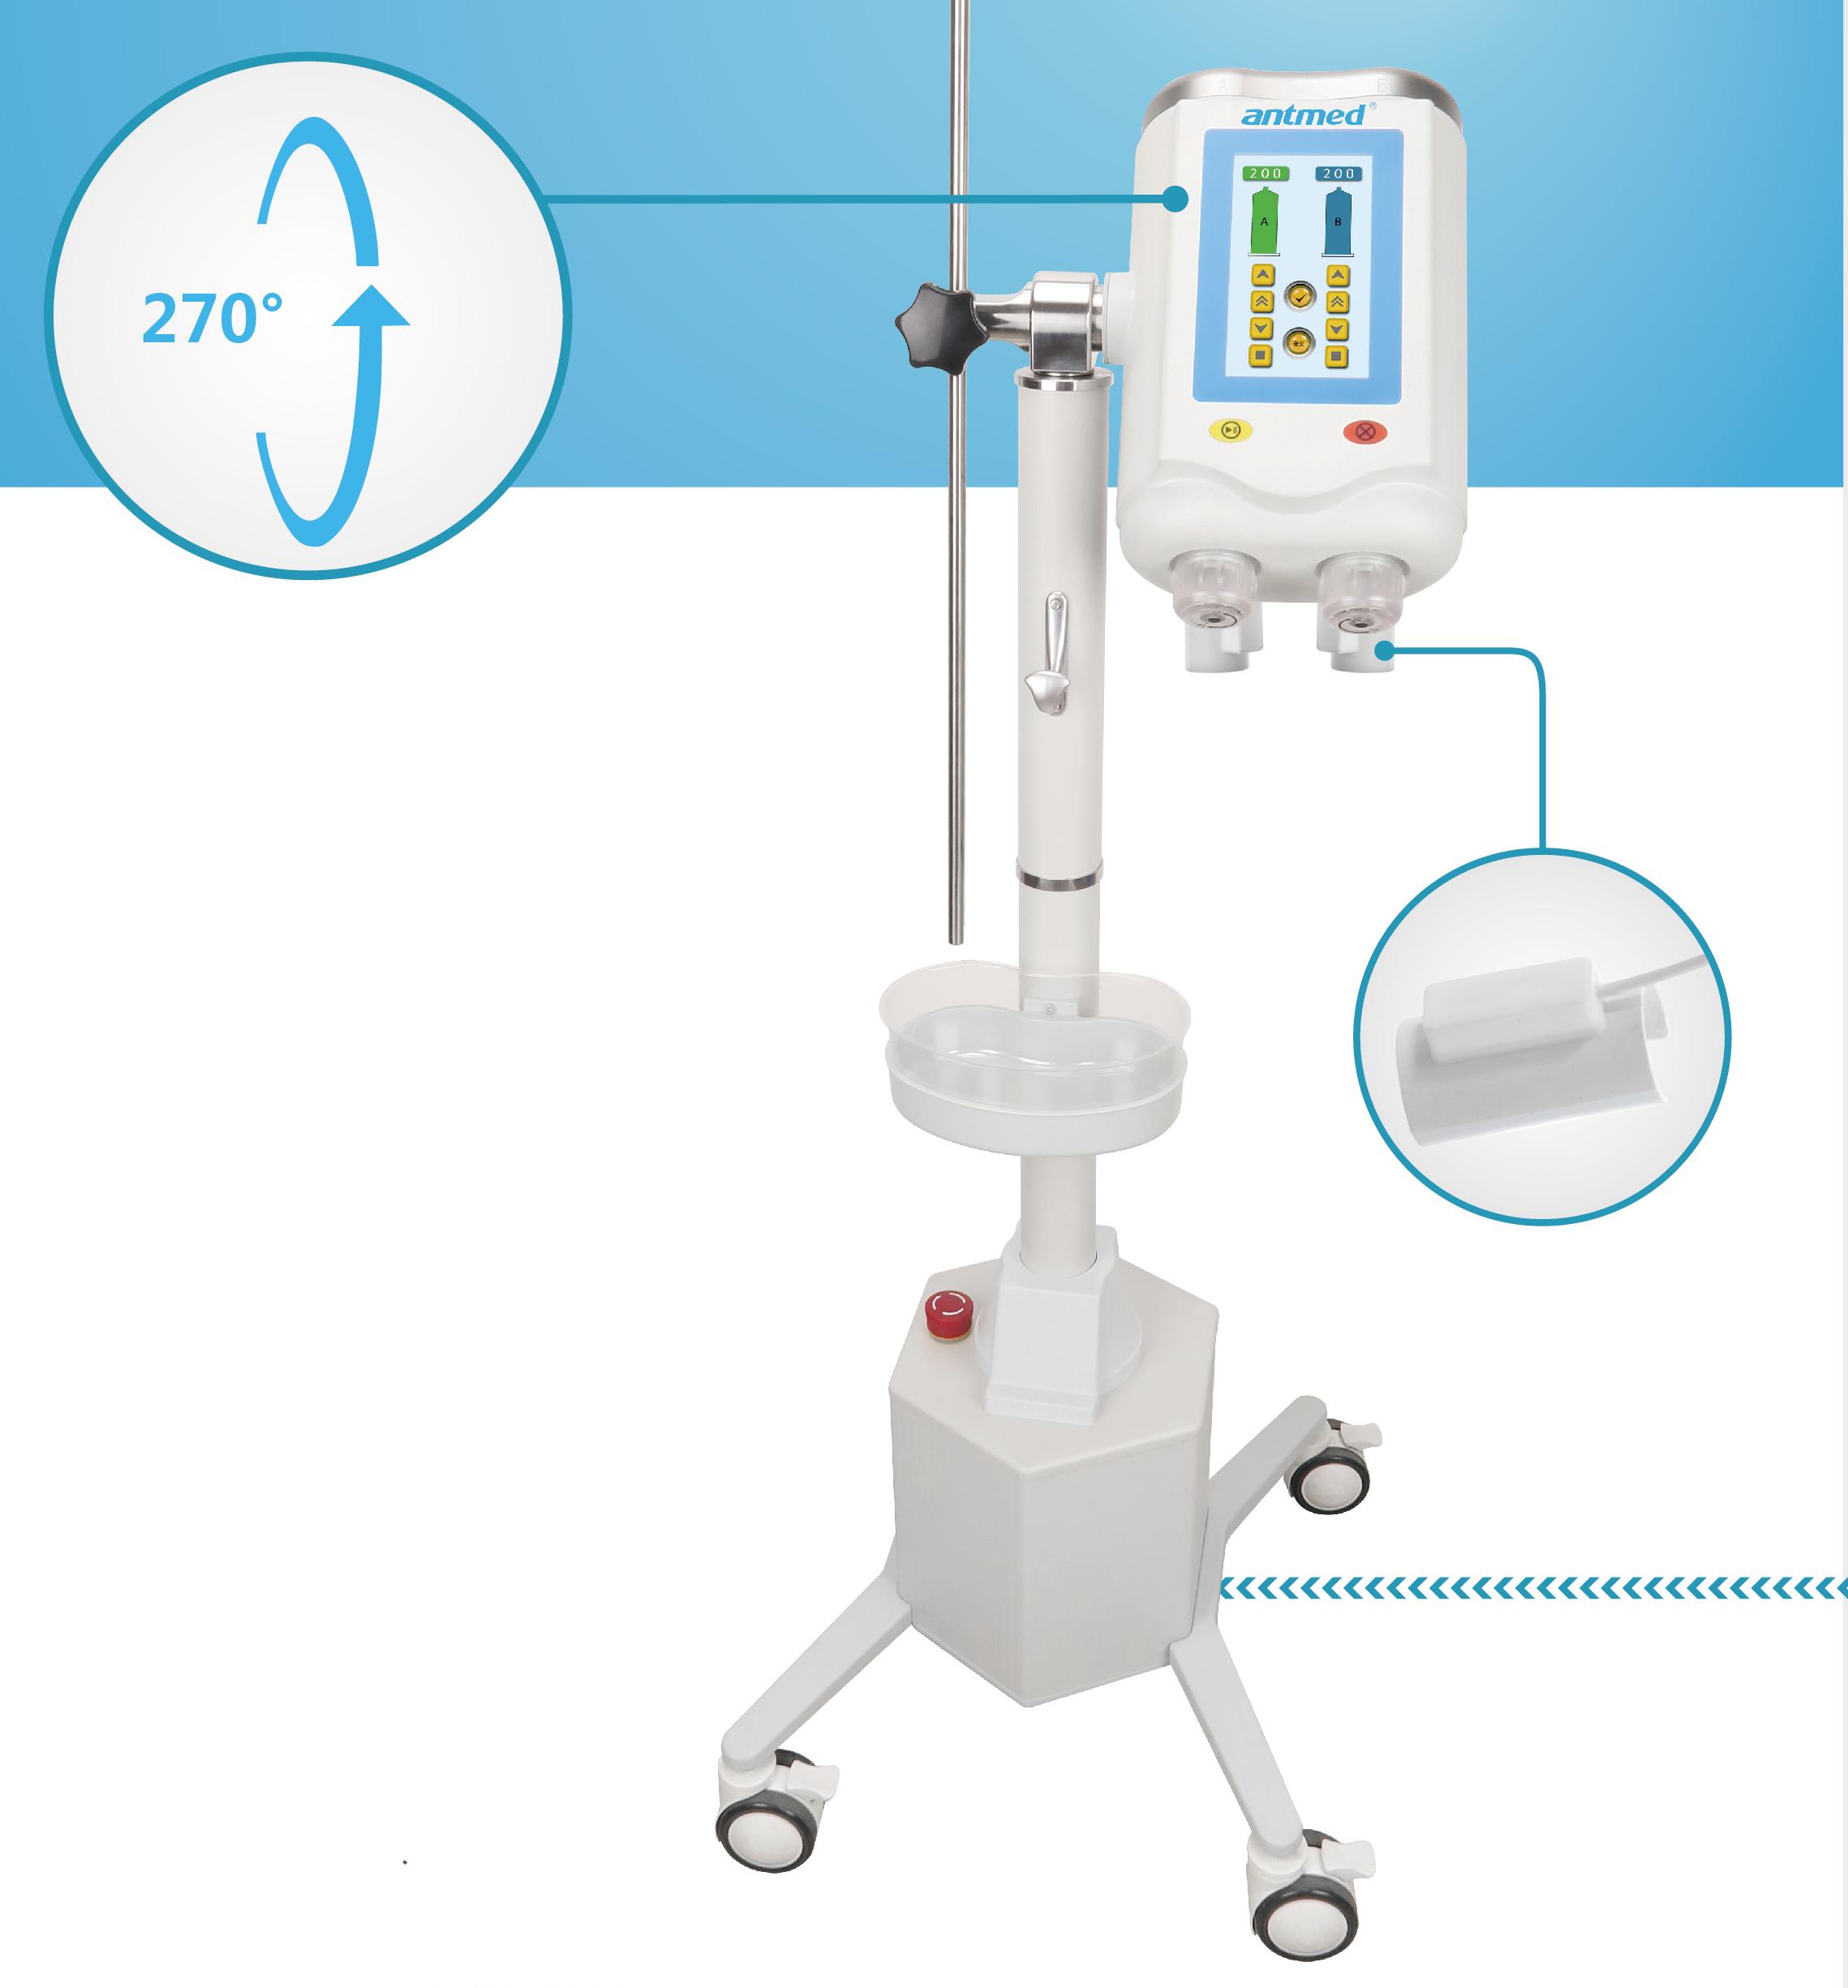 安特高压注射器ANT000200